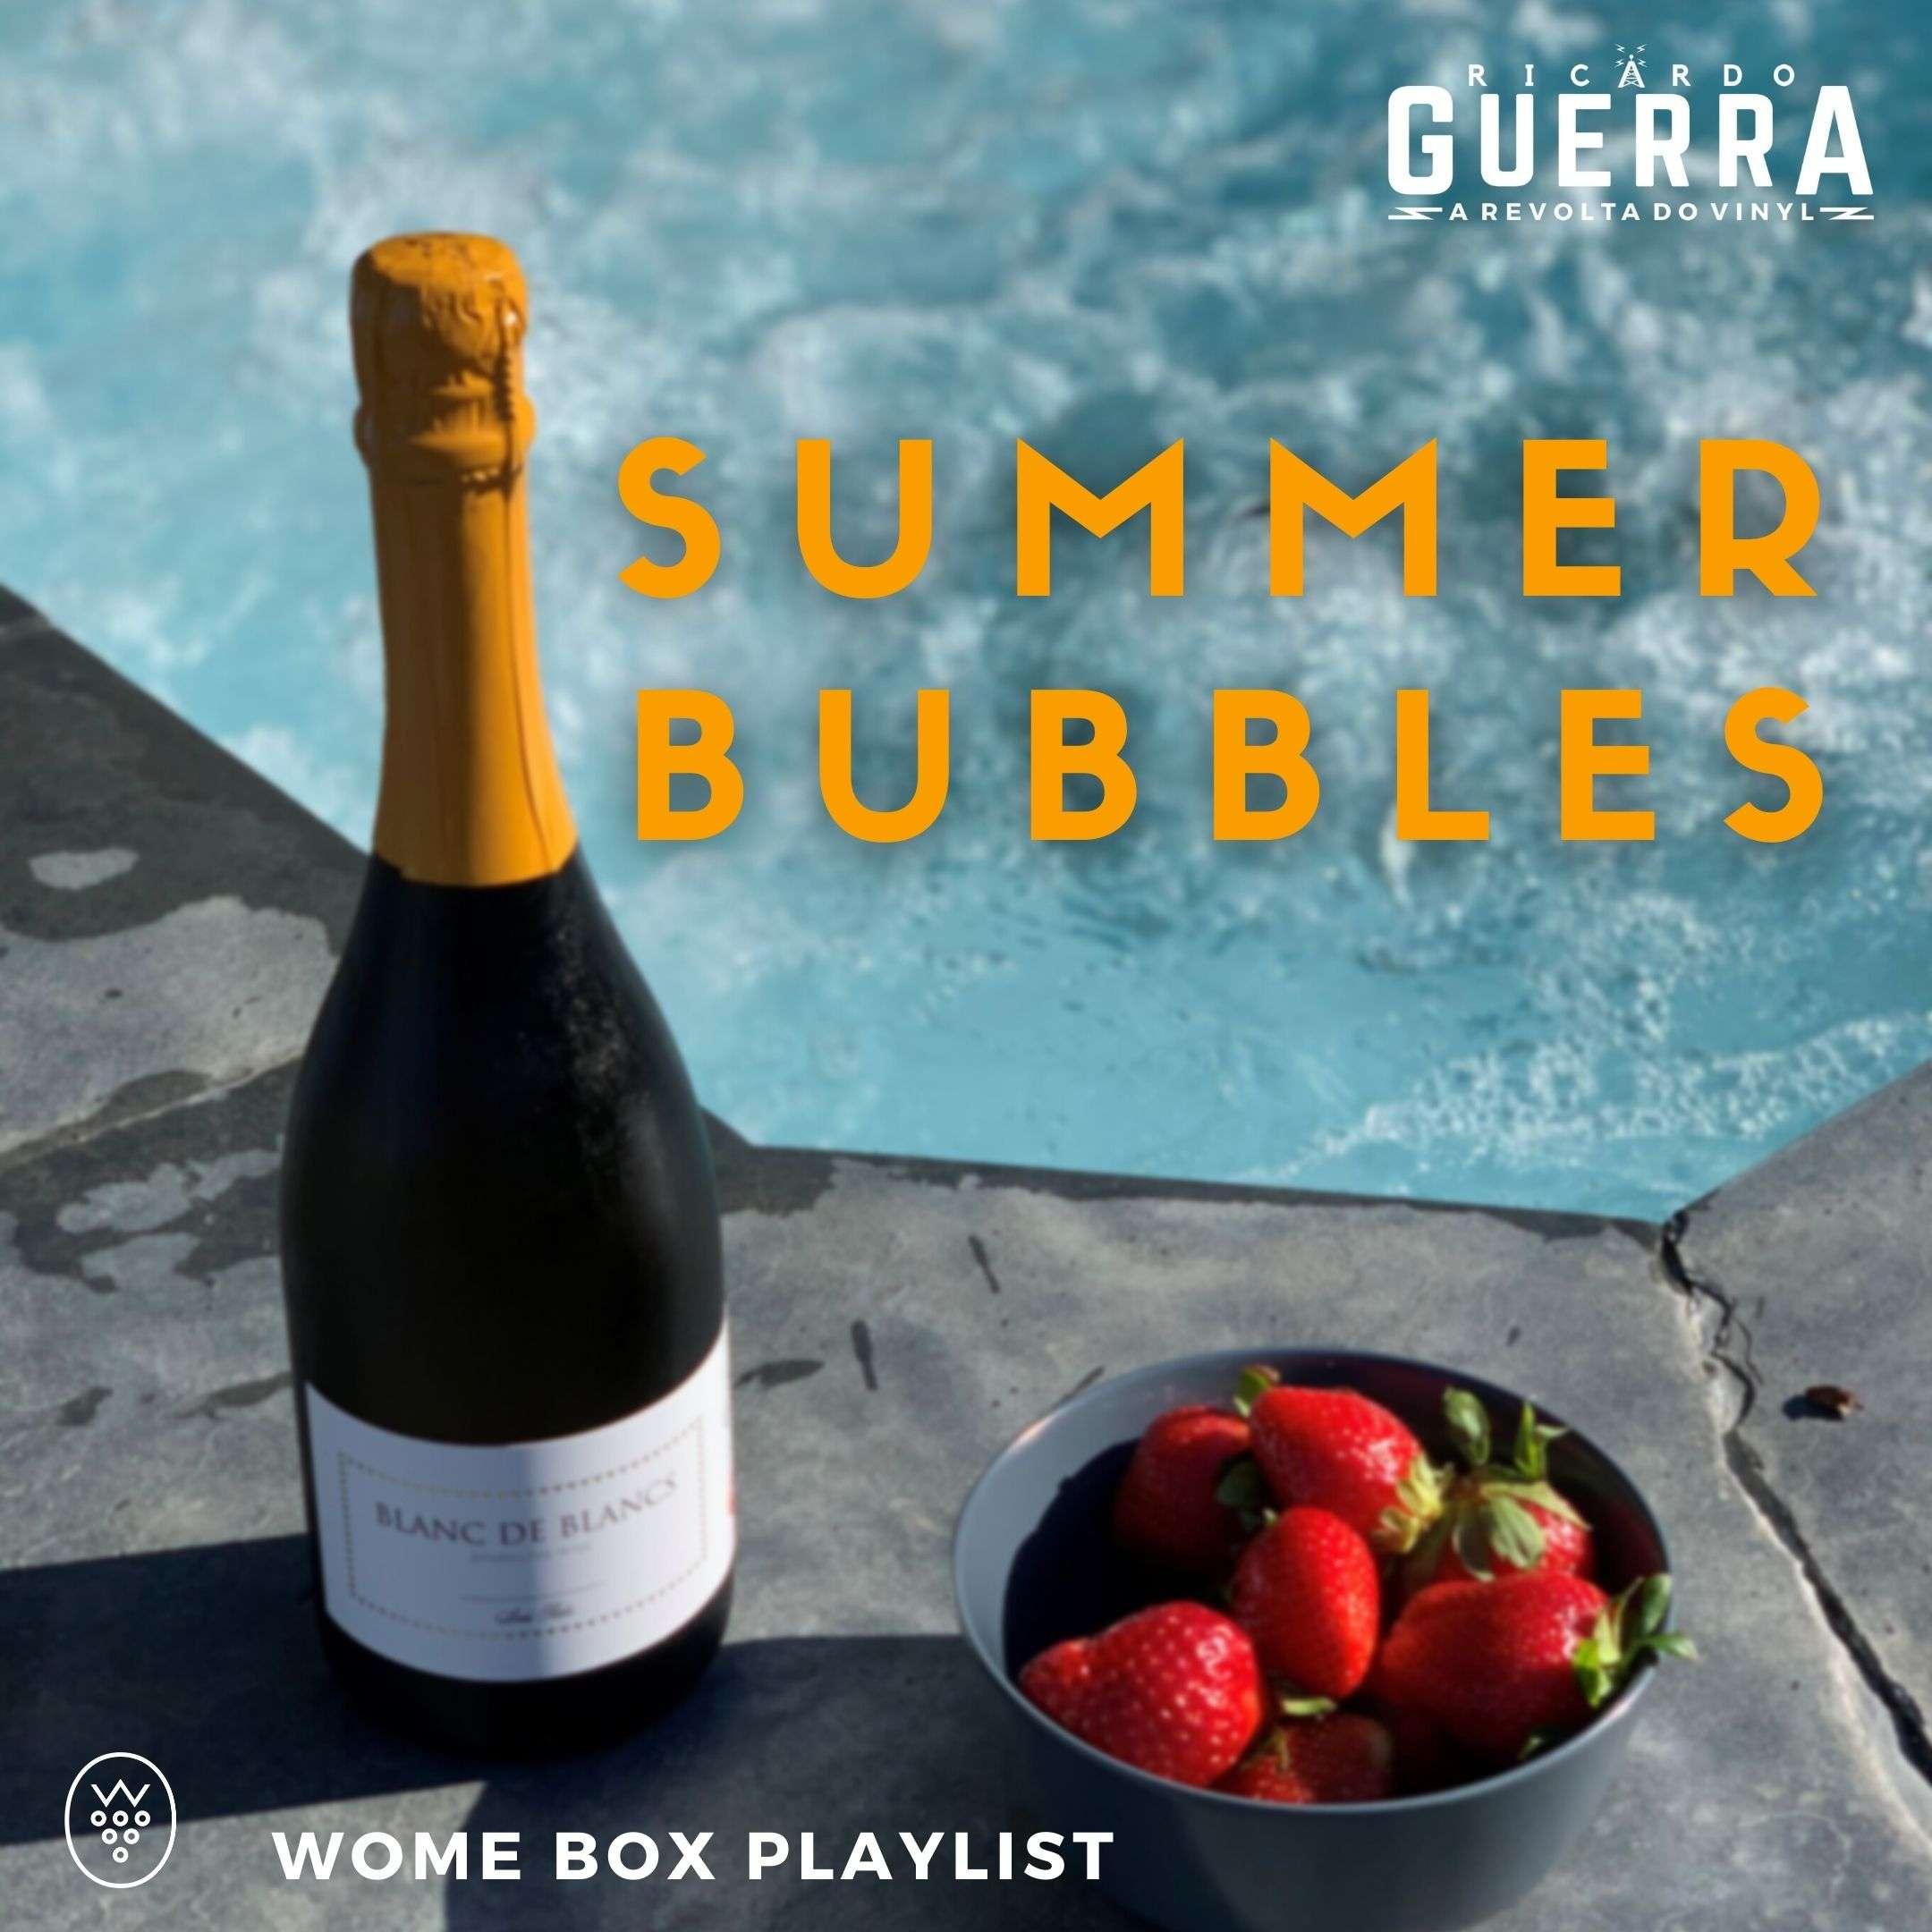 verão espumante com a playlist do Ricardo Guerra para a WOMEBOX